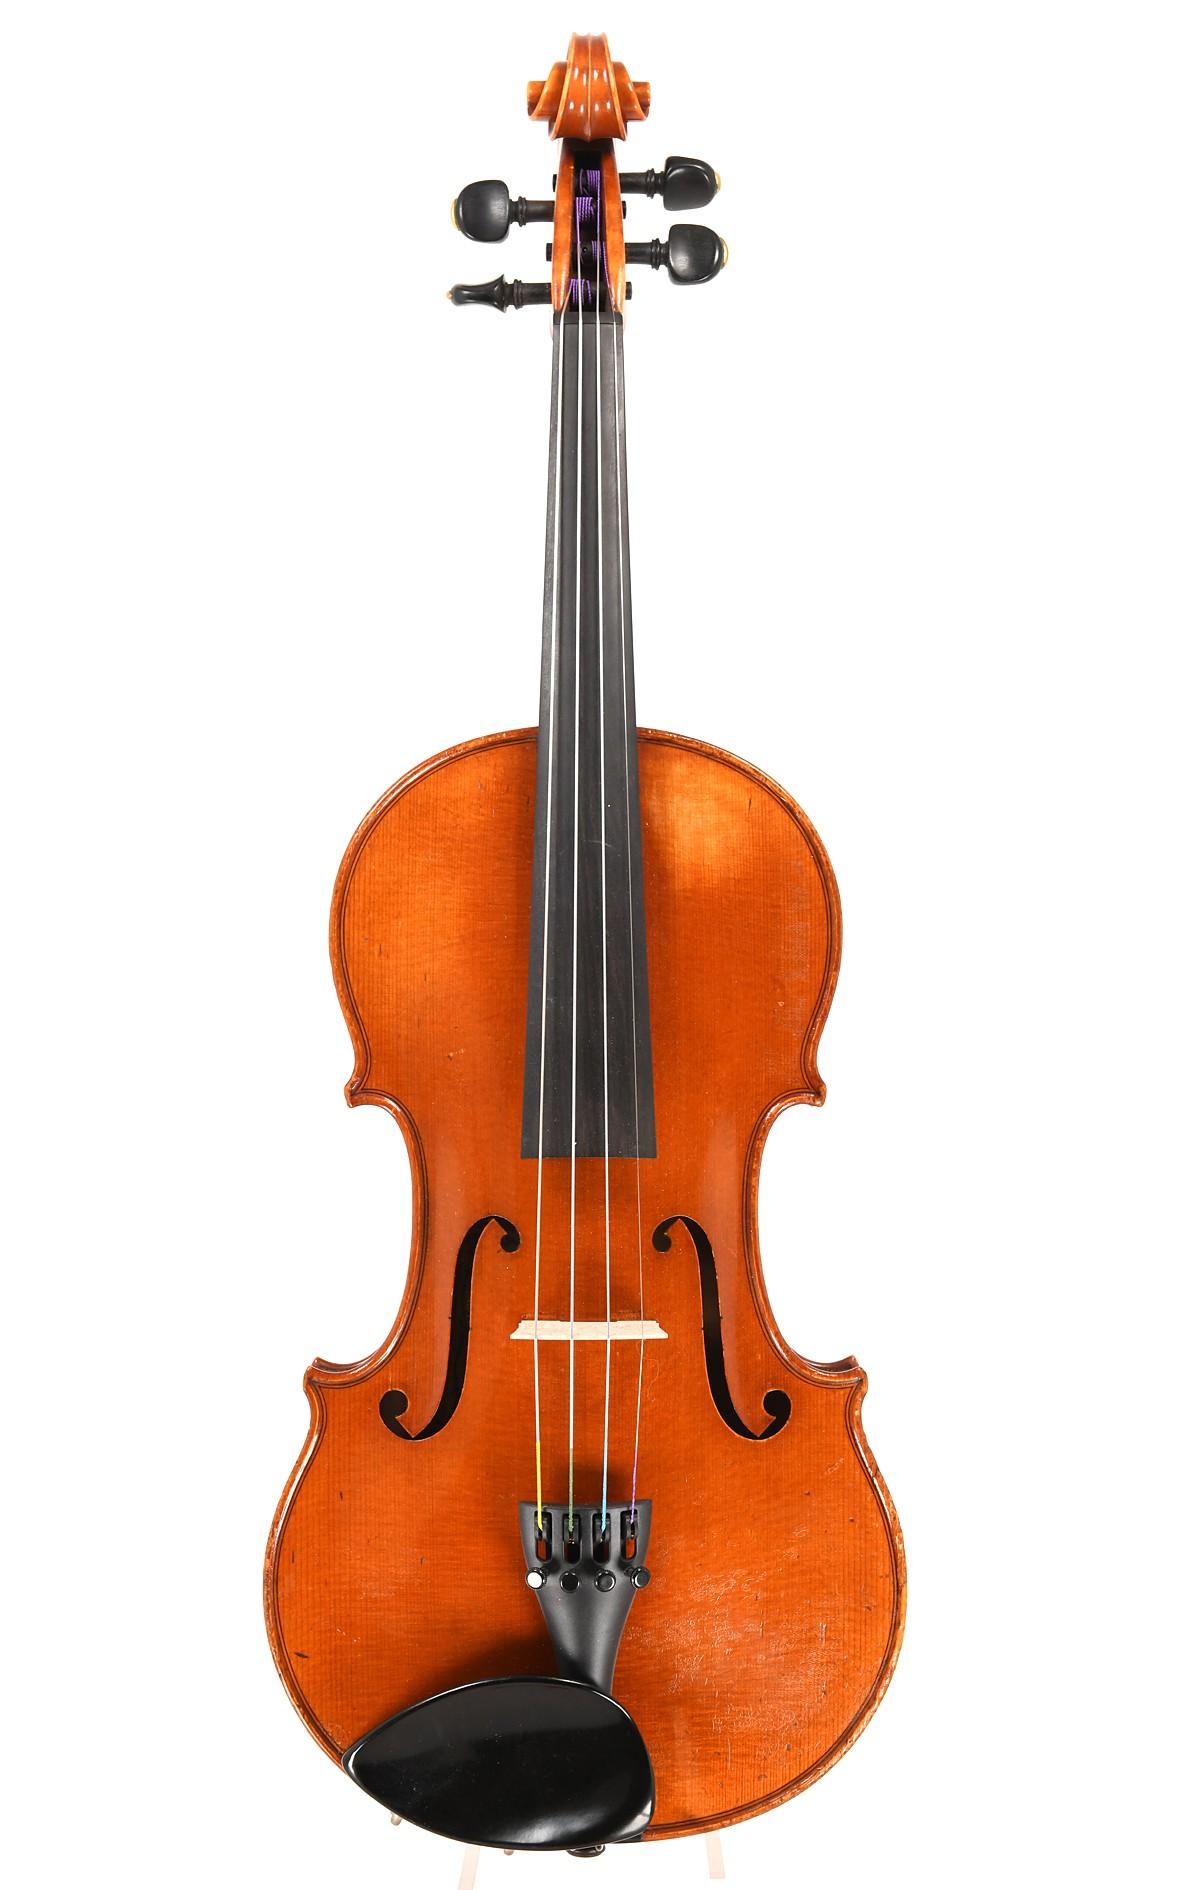 Geige von Joseph Kantuscher, Mittenwald (1973)